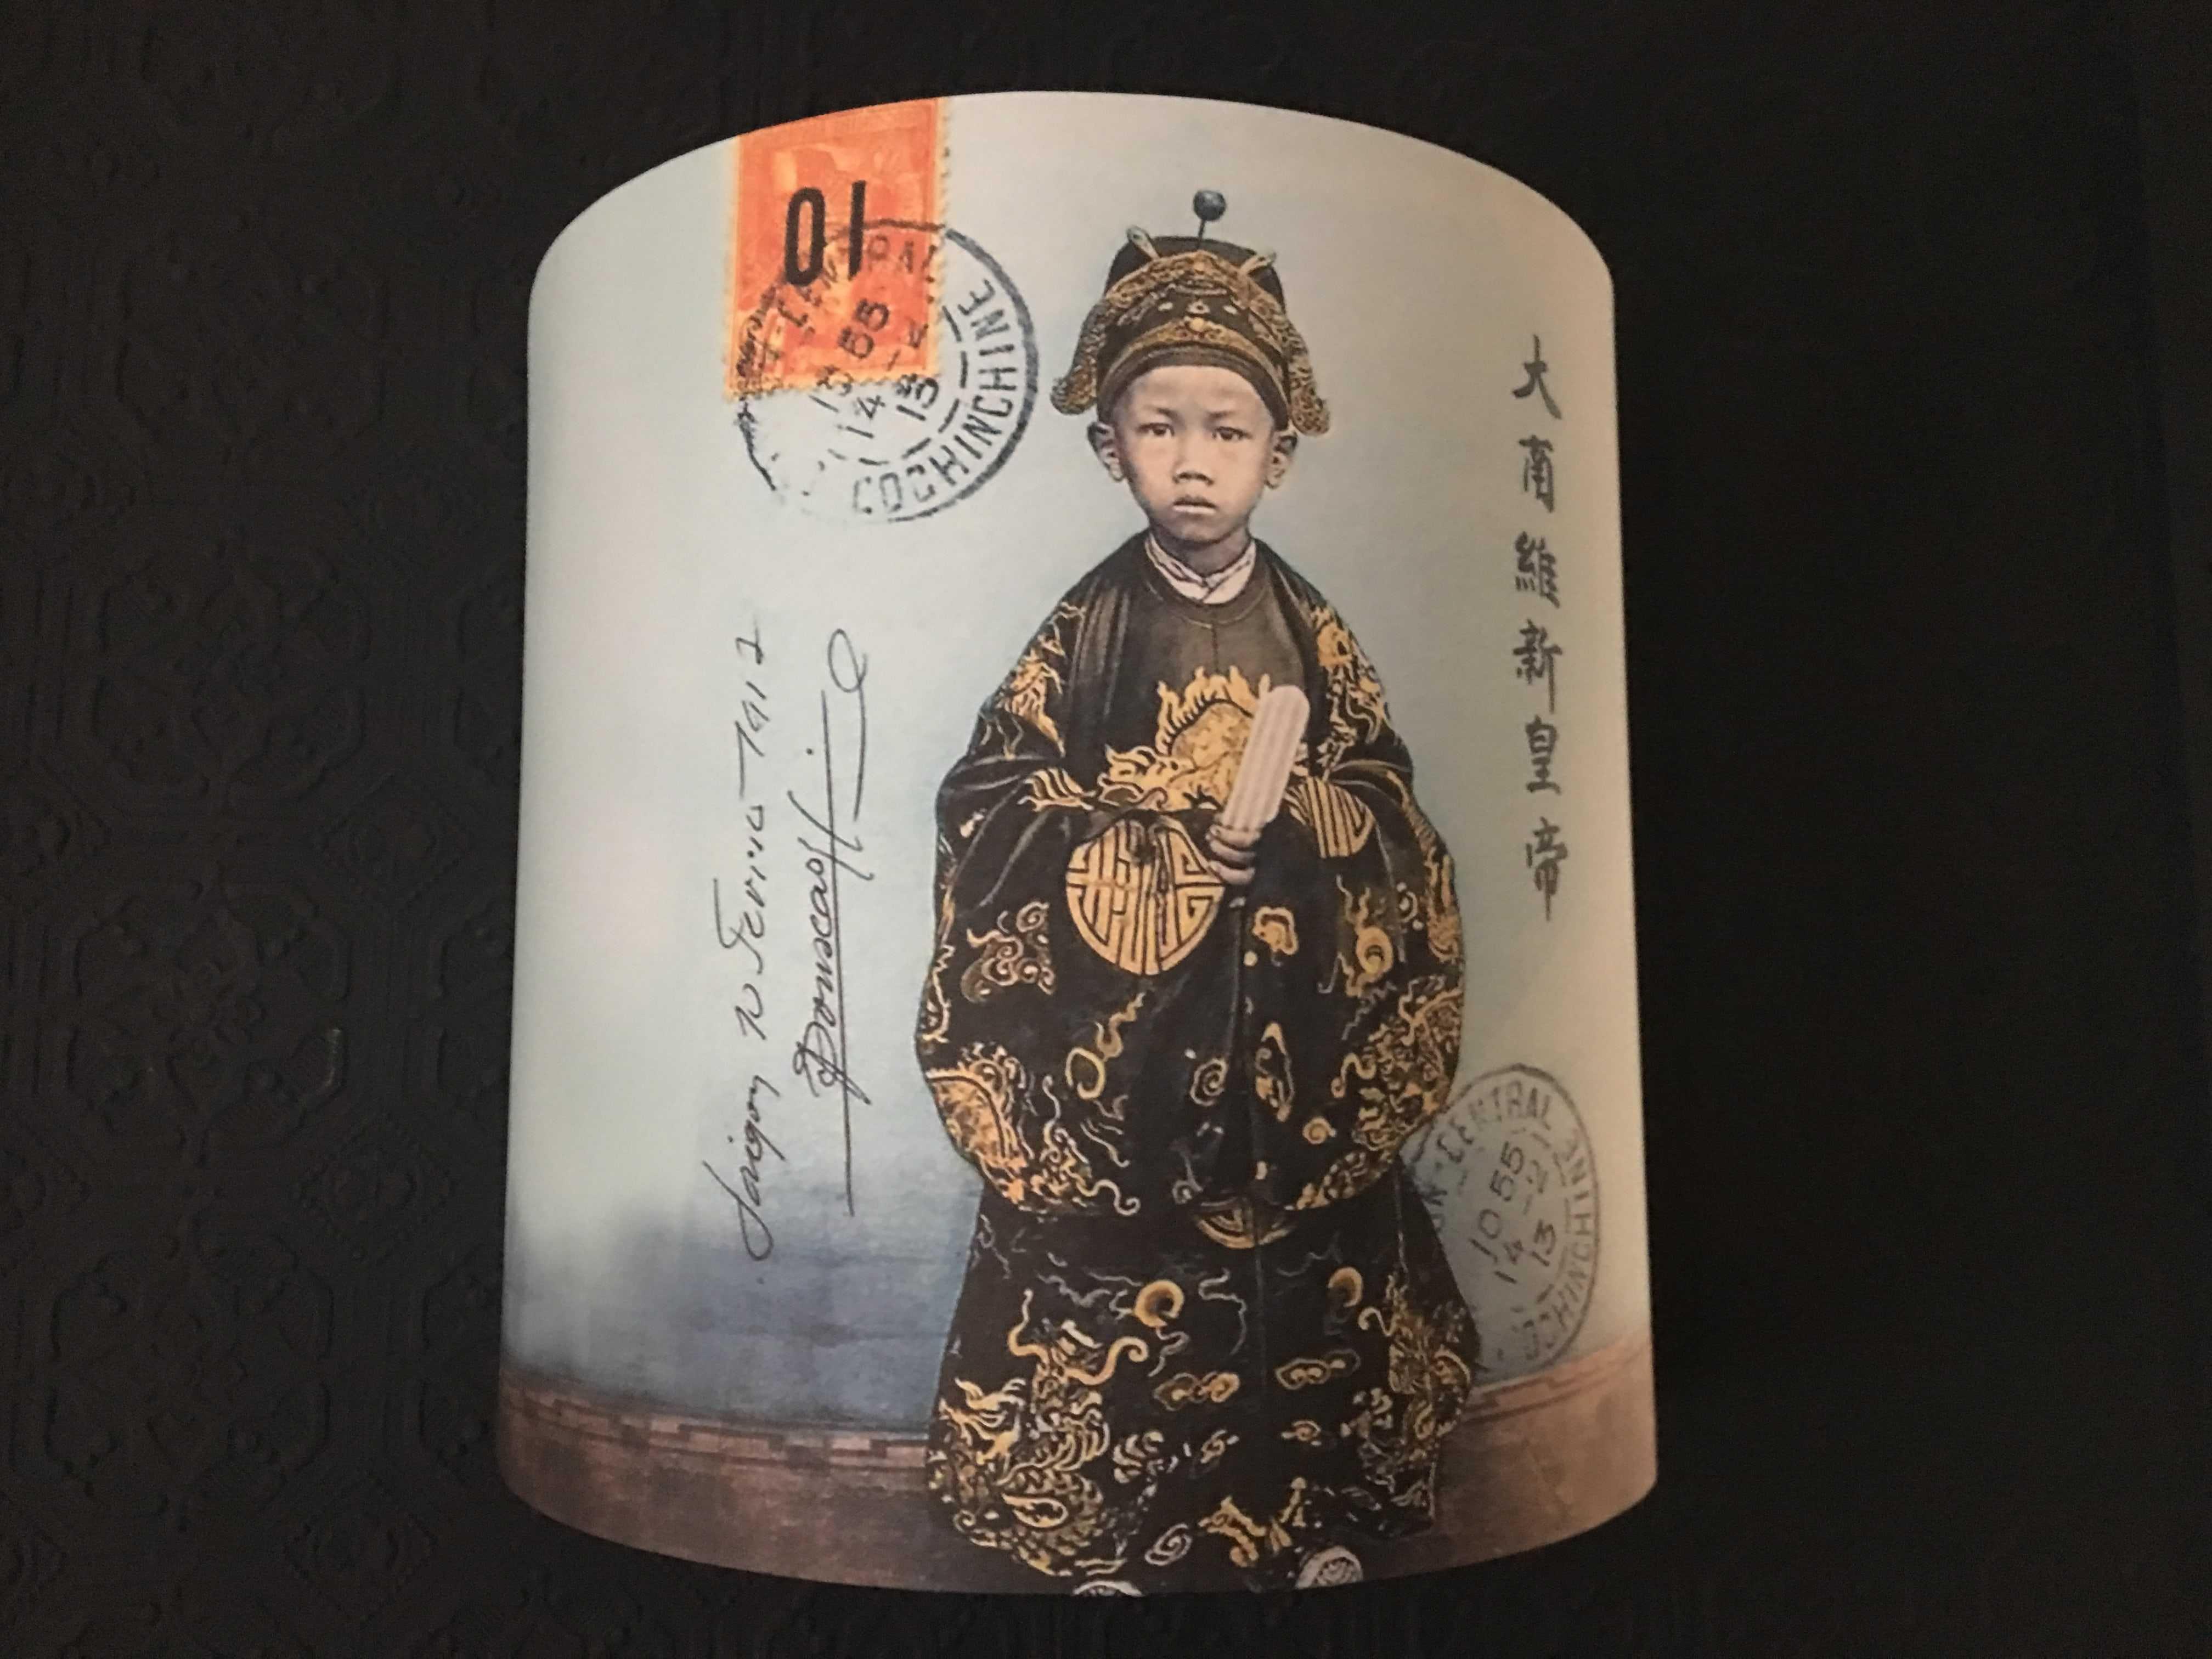 Abat jour demi lune grand format portrait petit garçon vietnamien